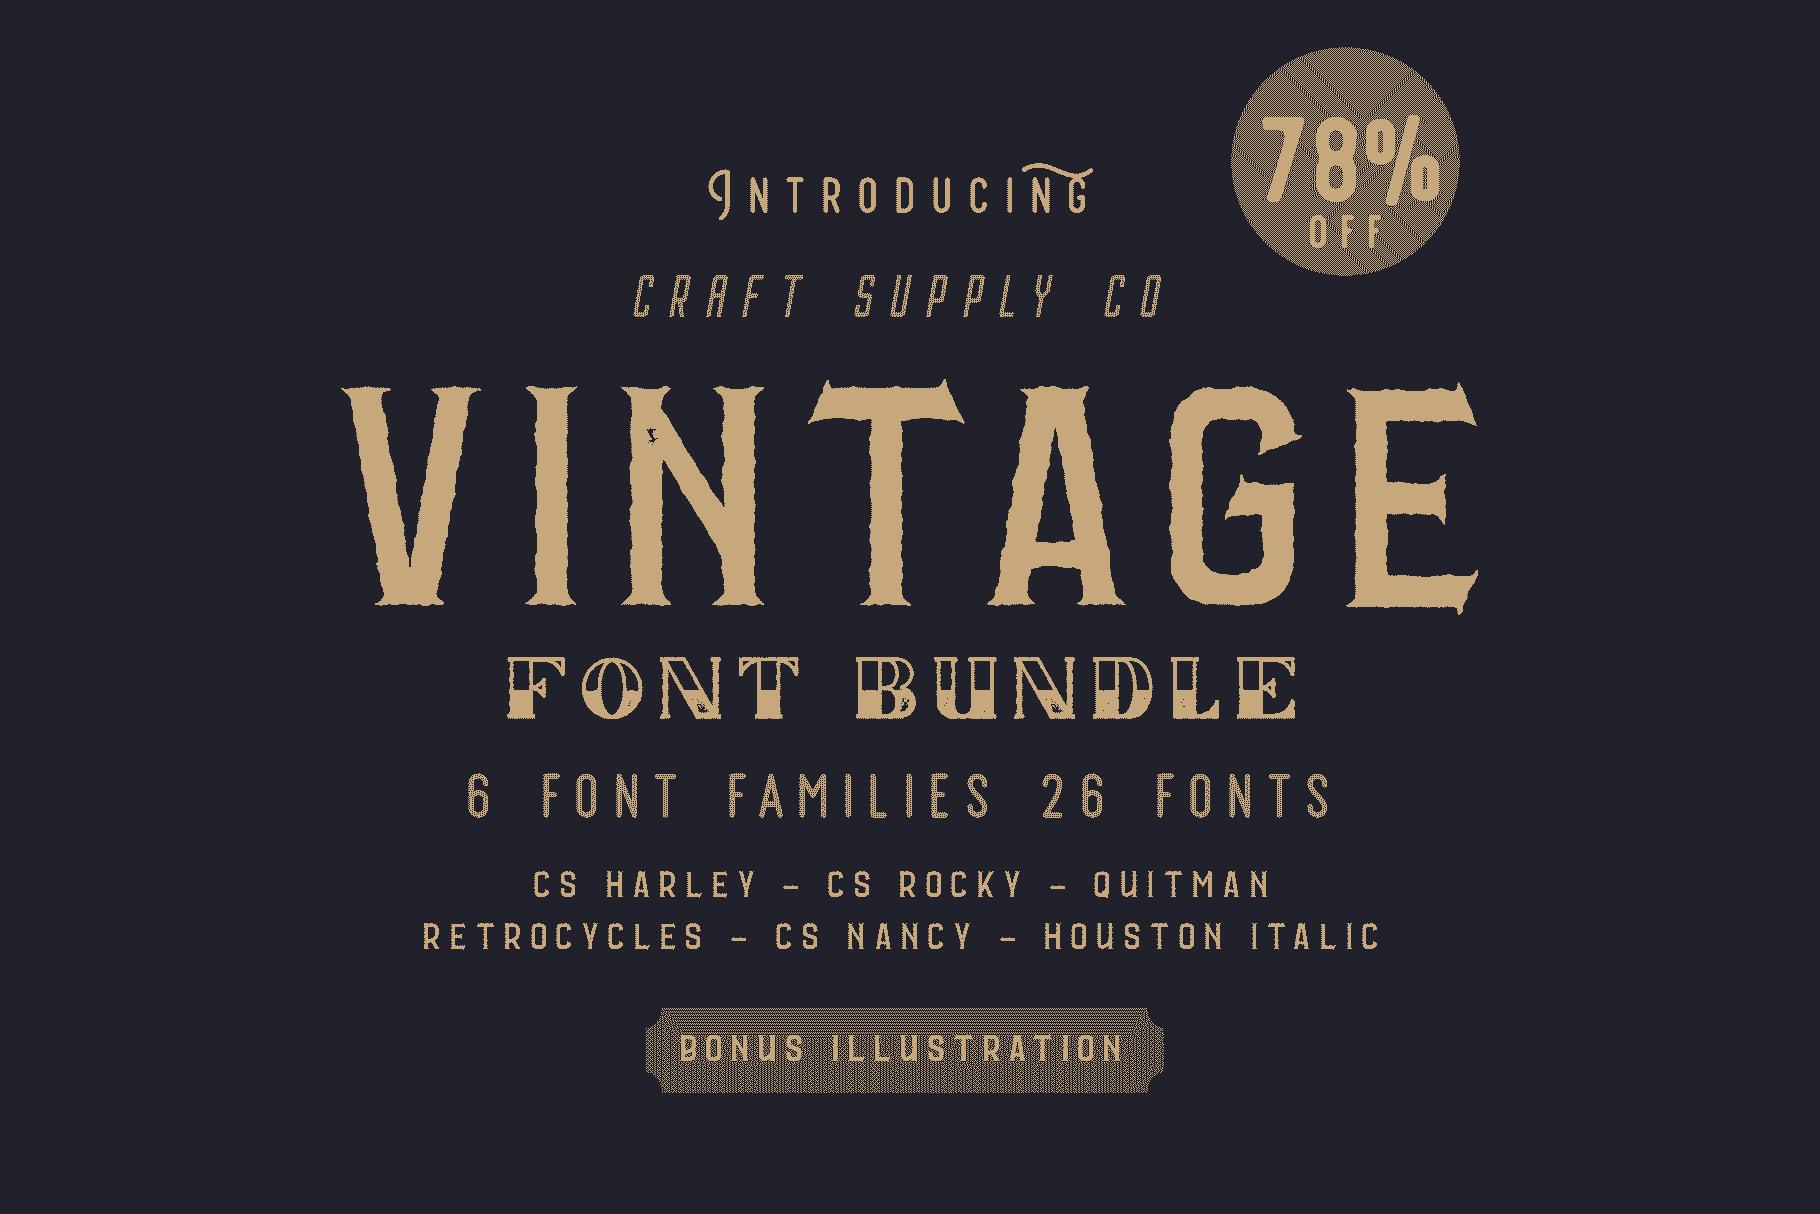 Vintage Font Bundle: 26 fonts + 100 extras - just $19 - 001 min 1